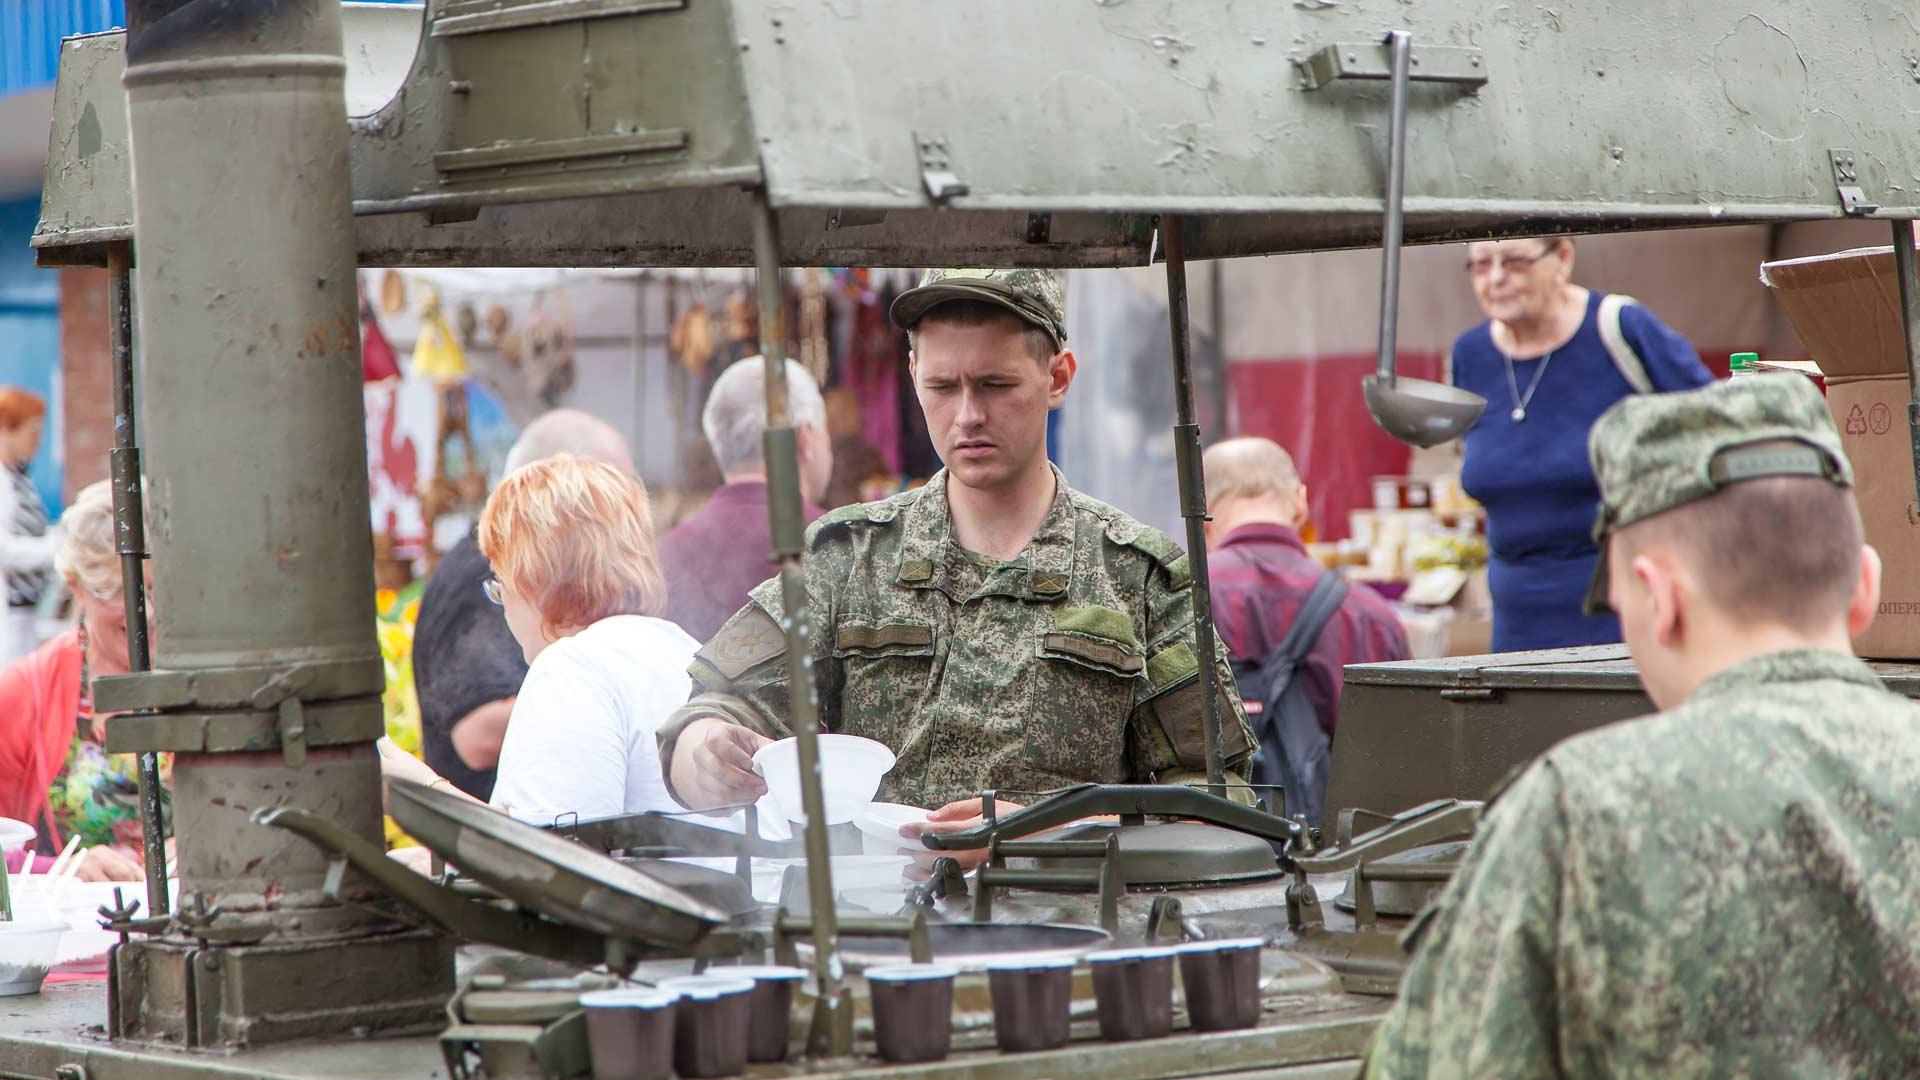 Venäläiset varusmiehet jakavat kihuvieraille tattaripuuroa soppatykistä.